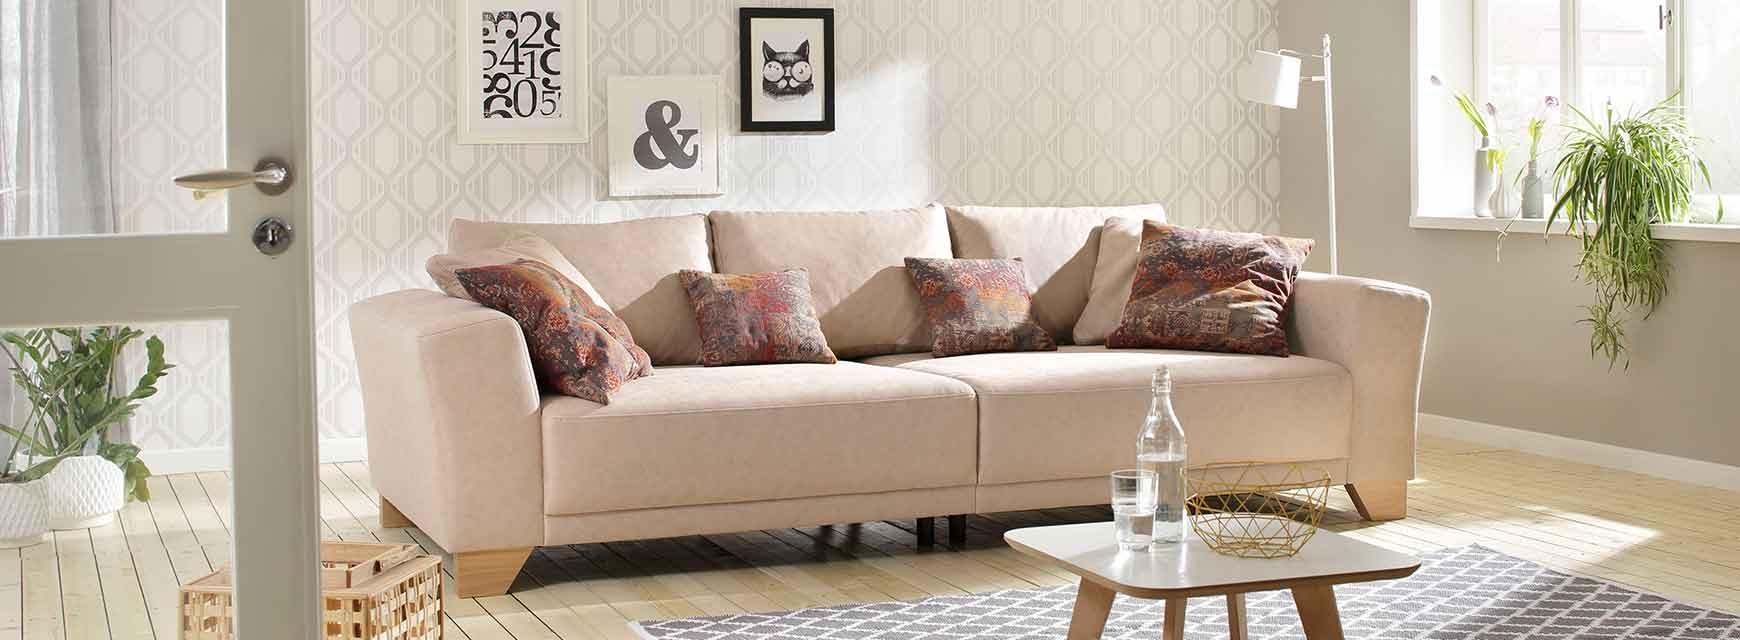 Full Size of Sofa Landhausstil Landhaus Couch Online Kaufen Naturloftde Big Grau Schreibtisch Mit Regal Rund Schillig Esstisch 4 Stühlen Günstig Hersteller Kleiderschrank Sofa Sofa Mit Schlaffunktion Federkern